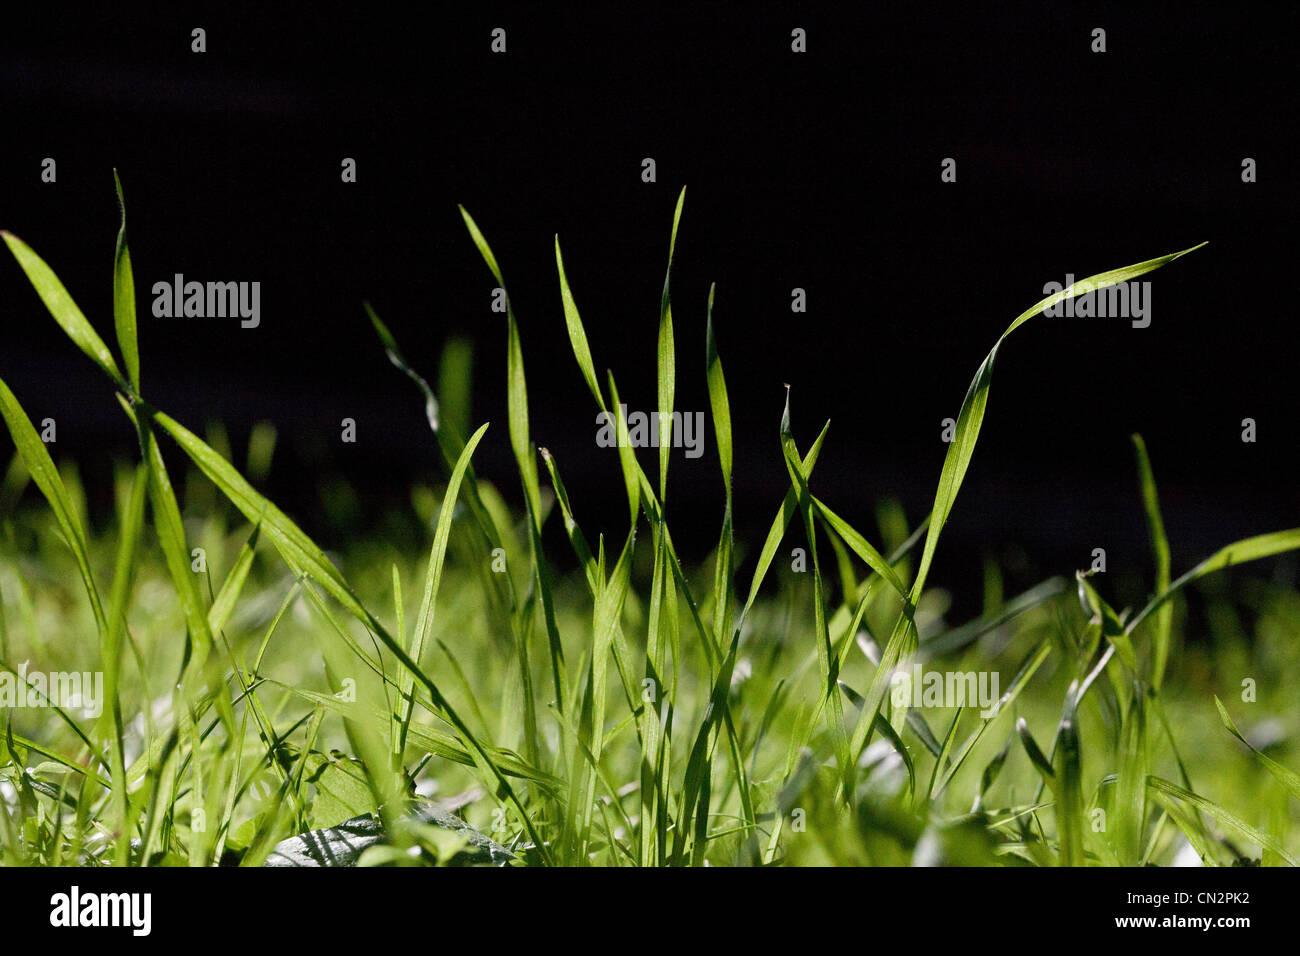 Briznas de hierba, cerrar Imagen De Stock